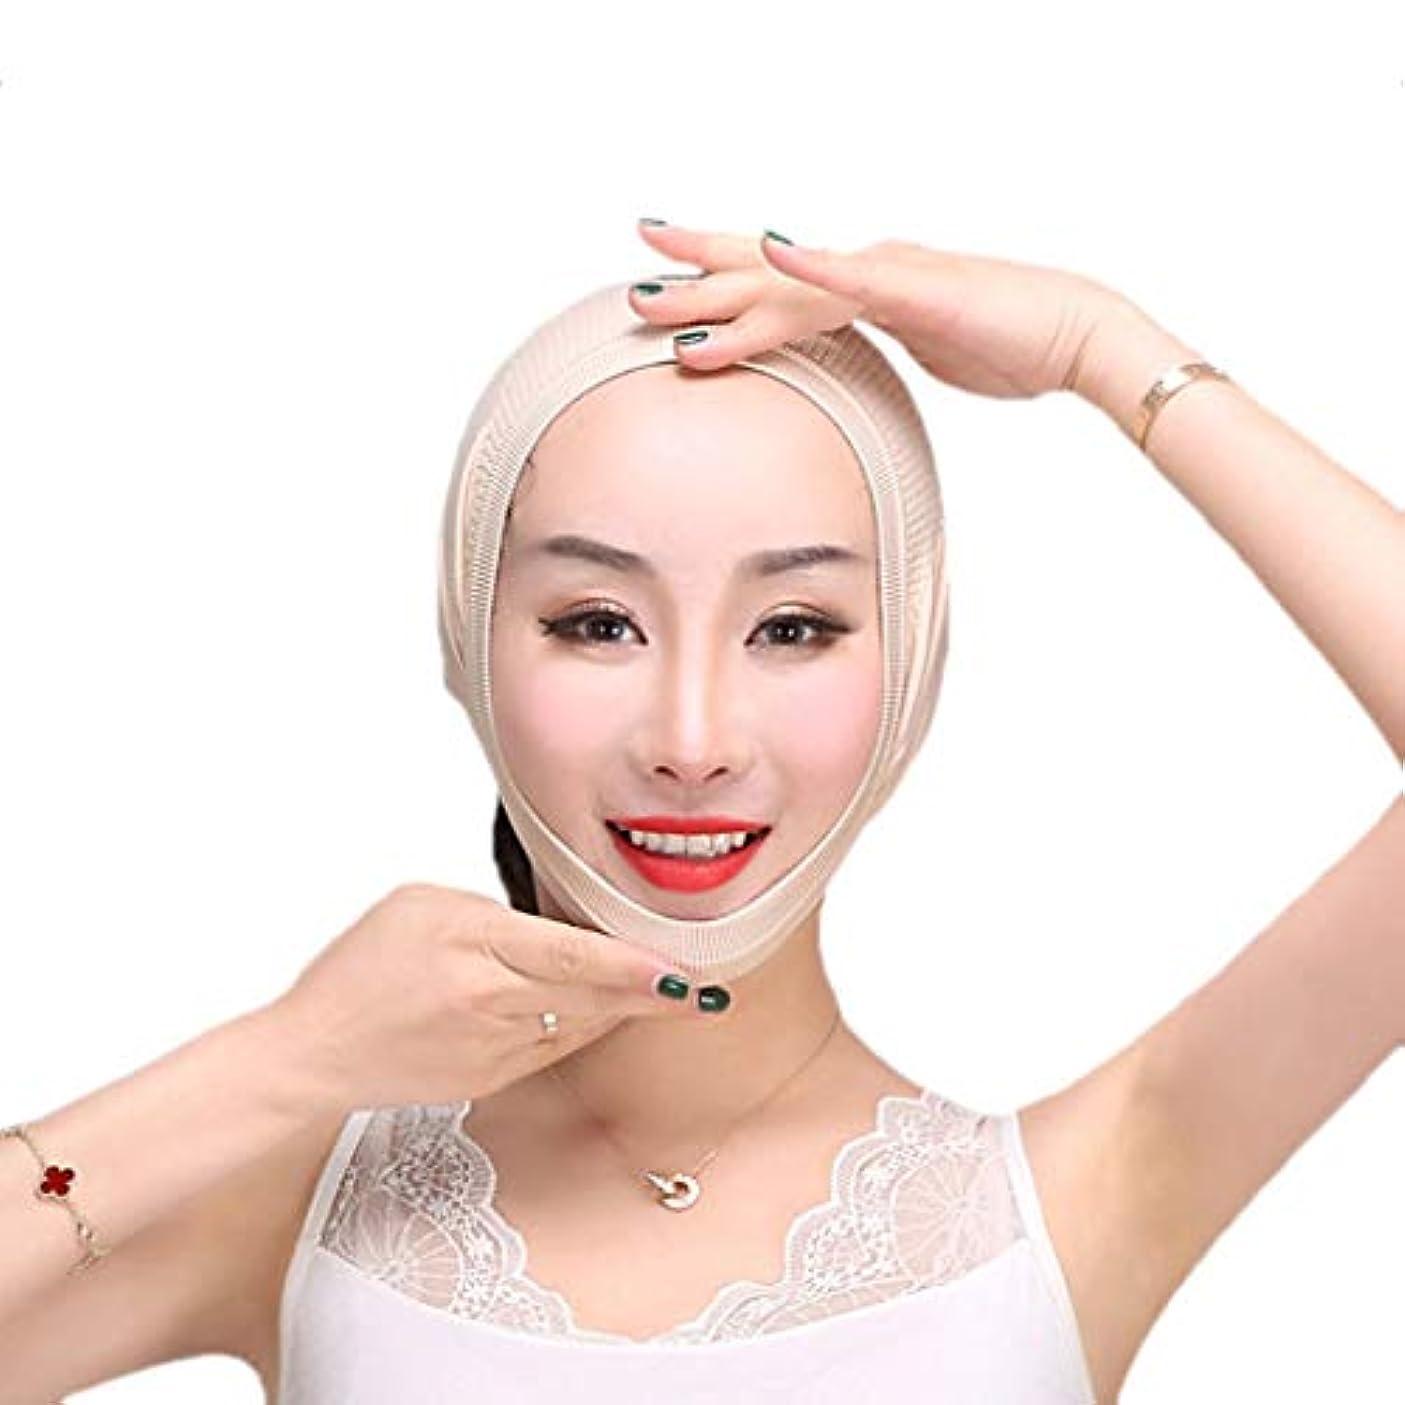 まとめる保存する高めるXHLMRMJ フェイスリフトマスク、フェイススリミングマスク、チンストラップ、フェイスマッサージ、フェイシャル減量マスク、チンリフティングベルト(ワンサイズ)